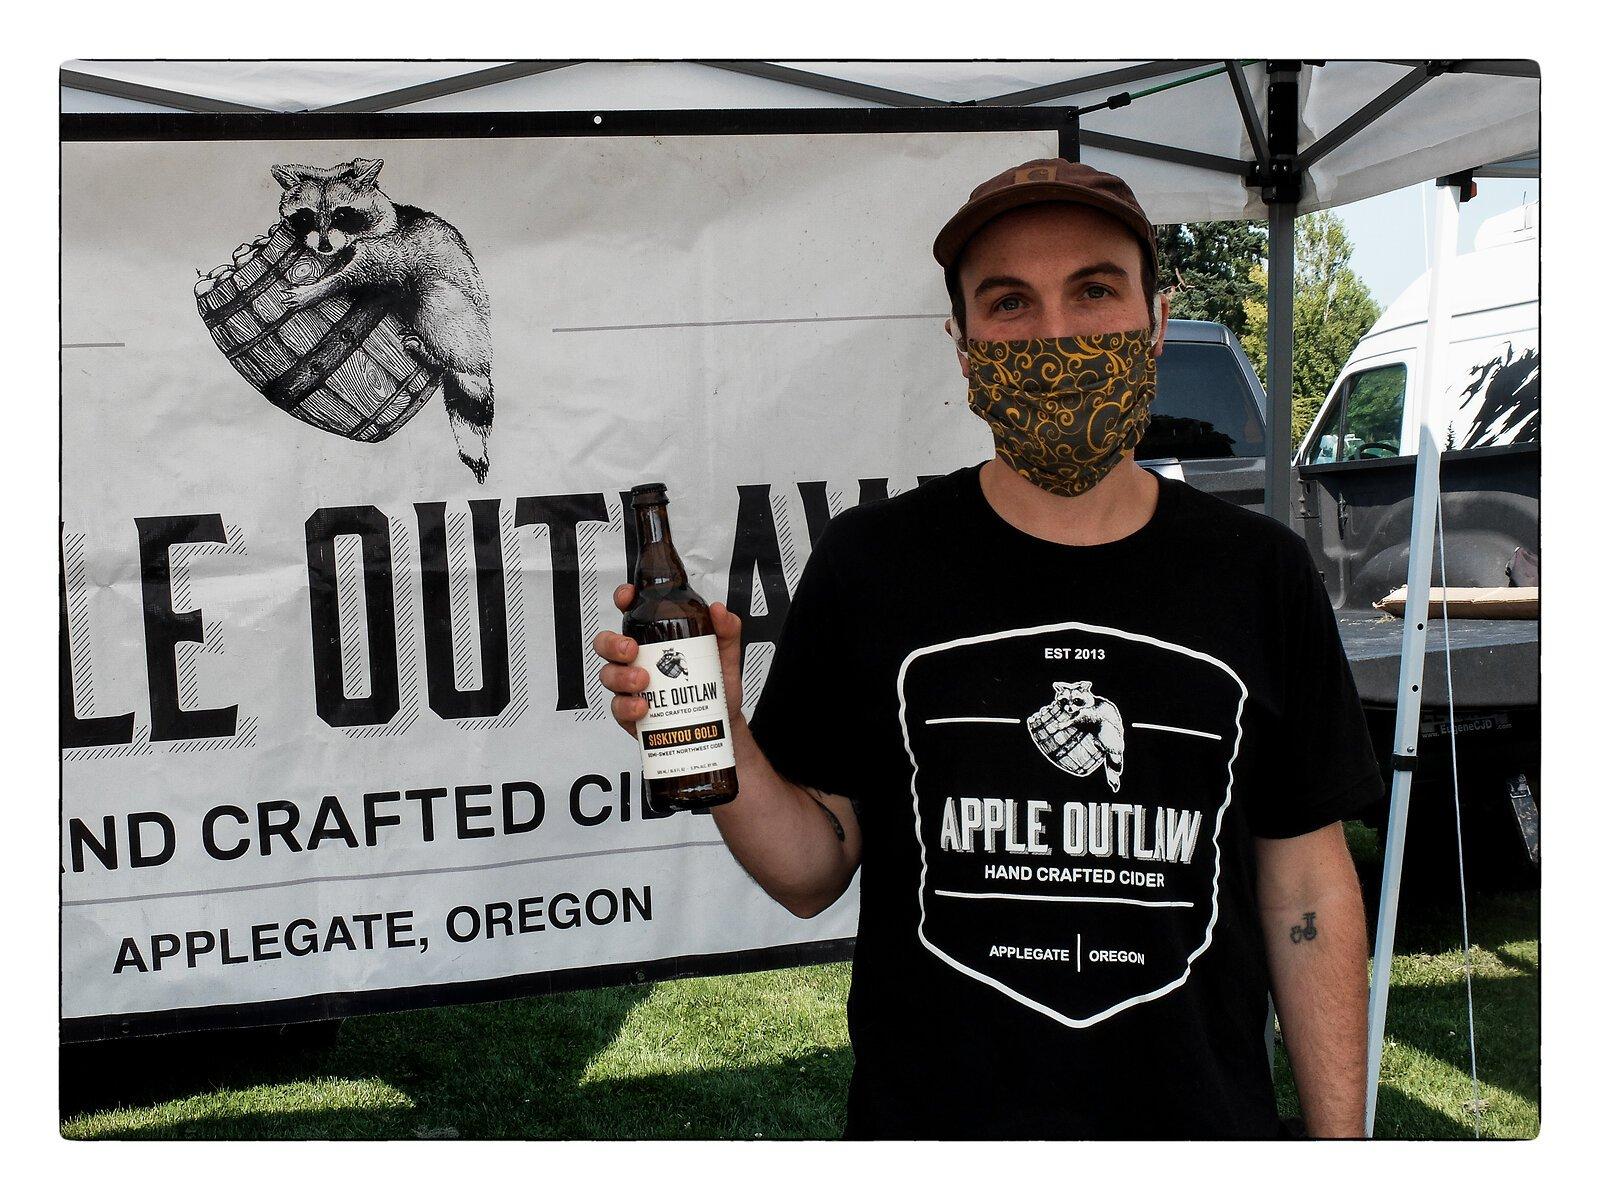 X30_Aug27_Apple_Outlaw#1.jpg